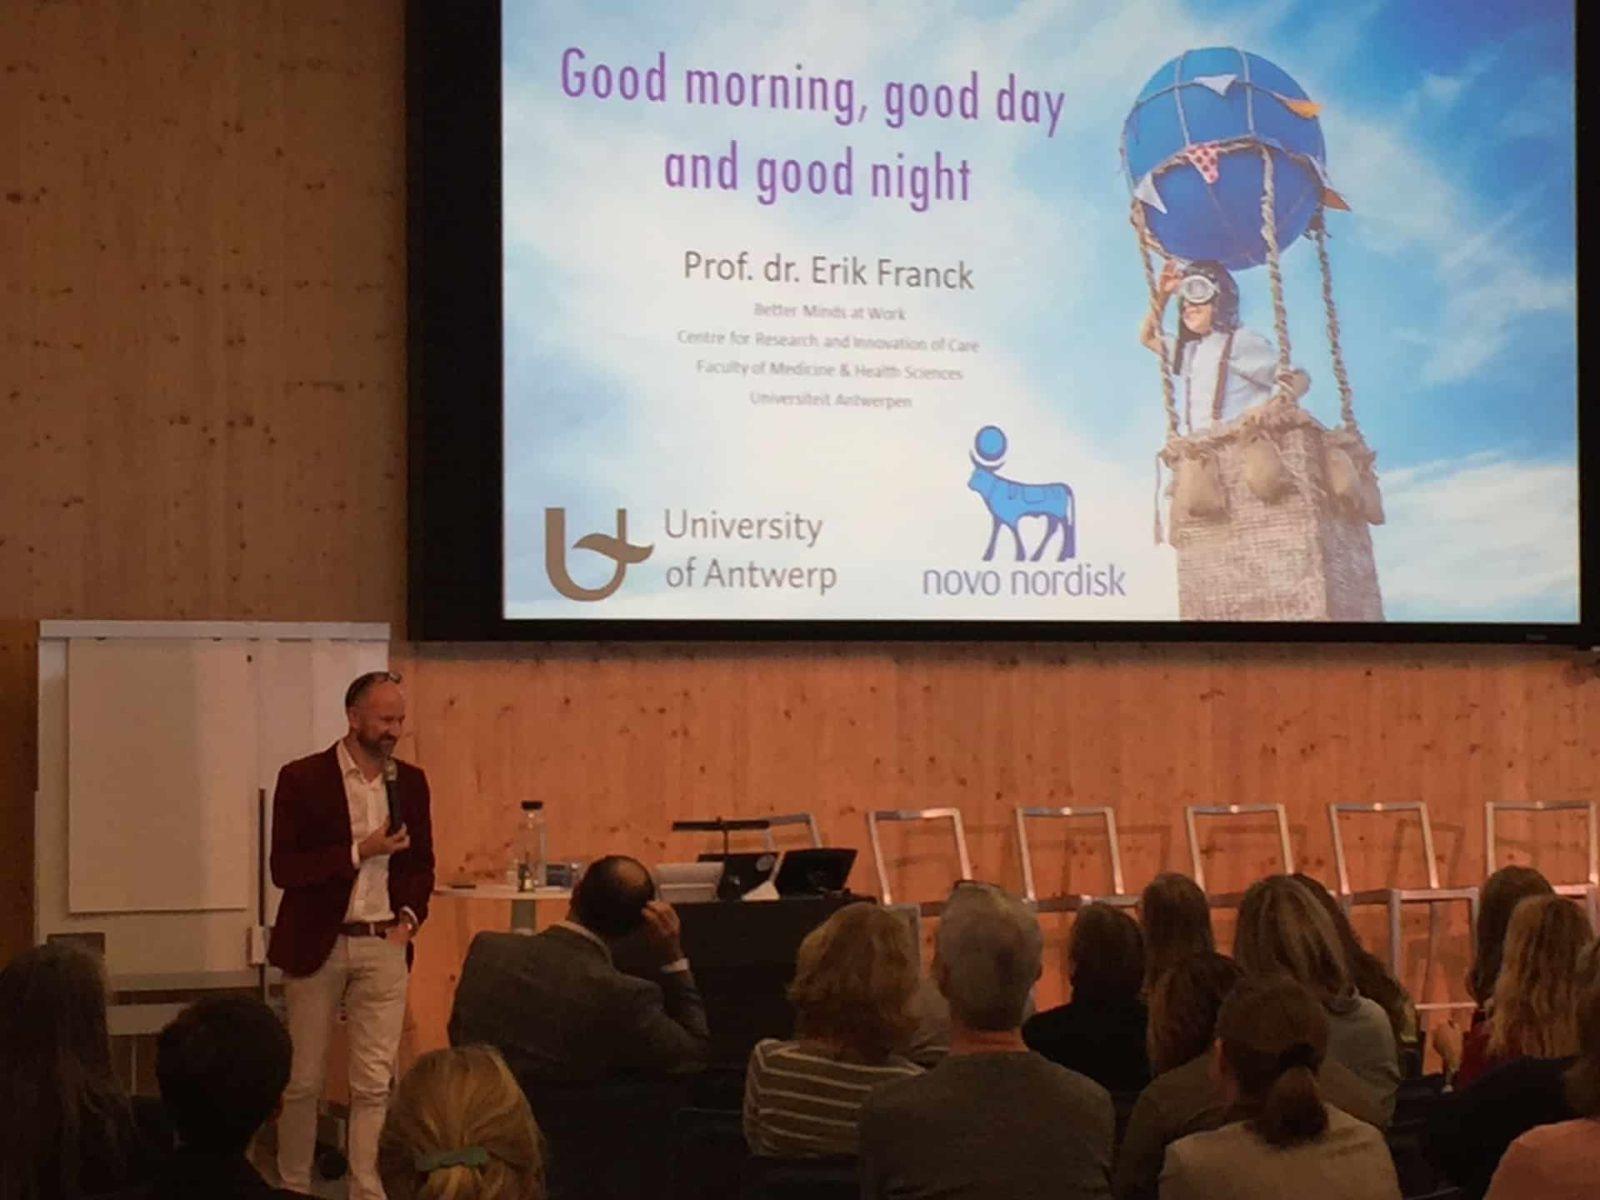 Erik Franck geeft een lezing bij  Novo Nordisk in Kopenhagen